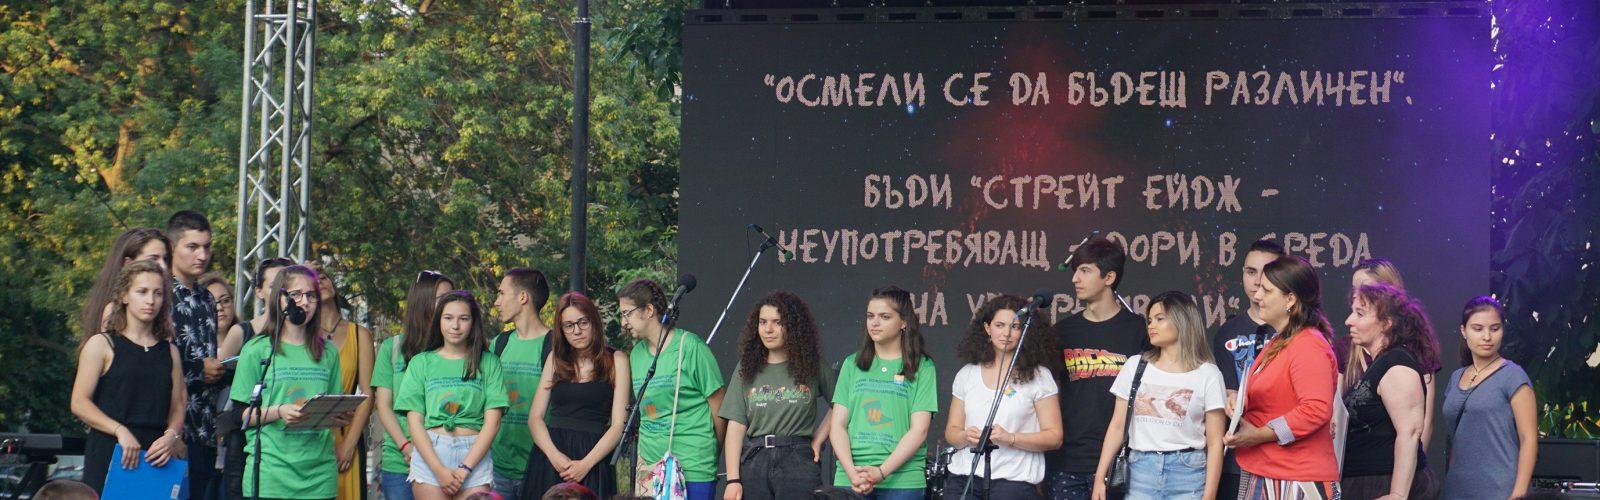 Превантивно-информационен център по проблемите на наркоманиите – София